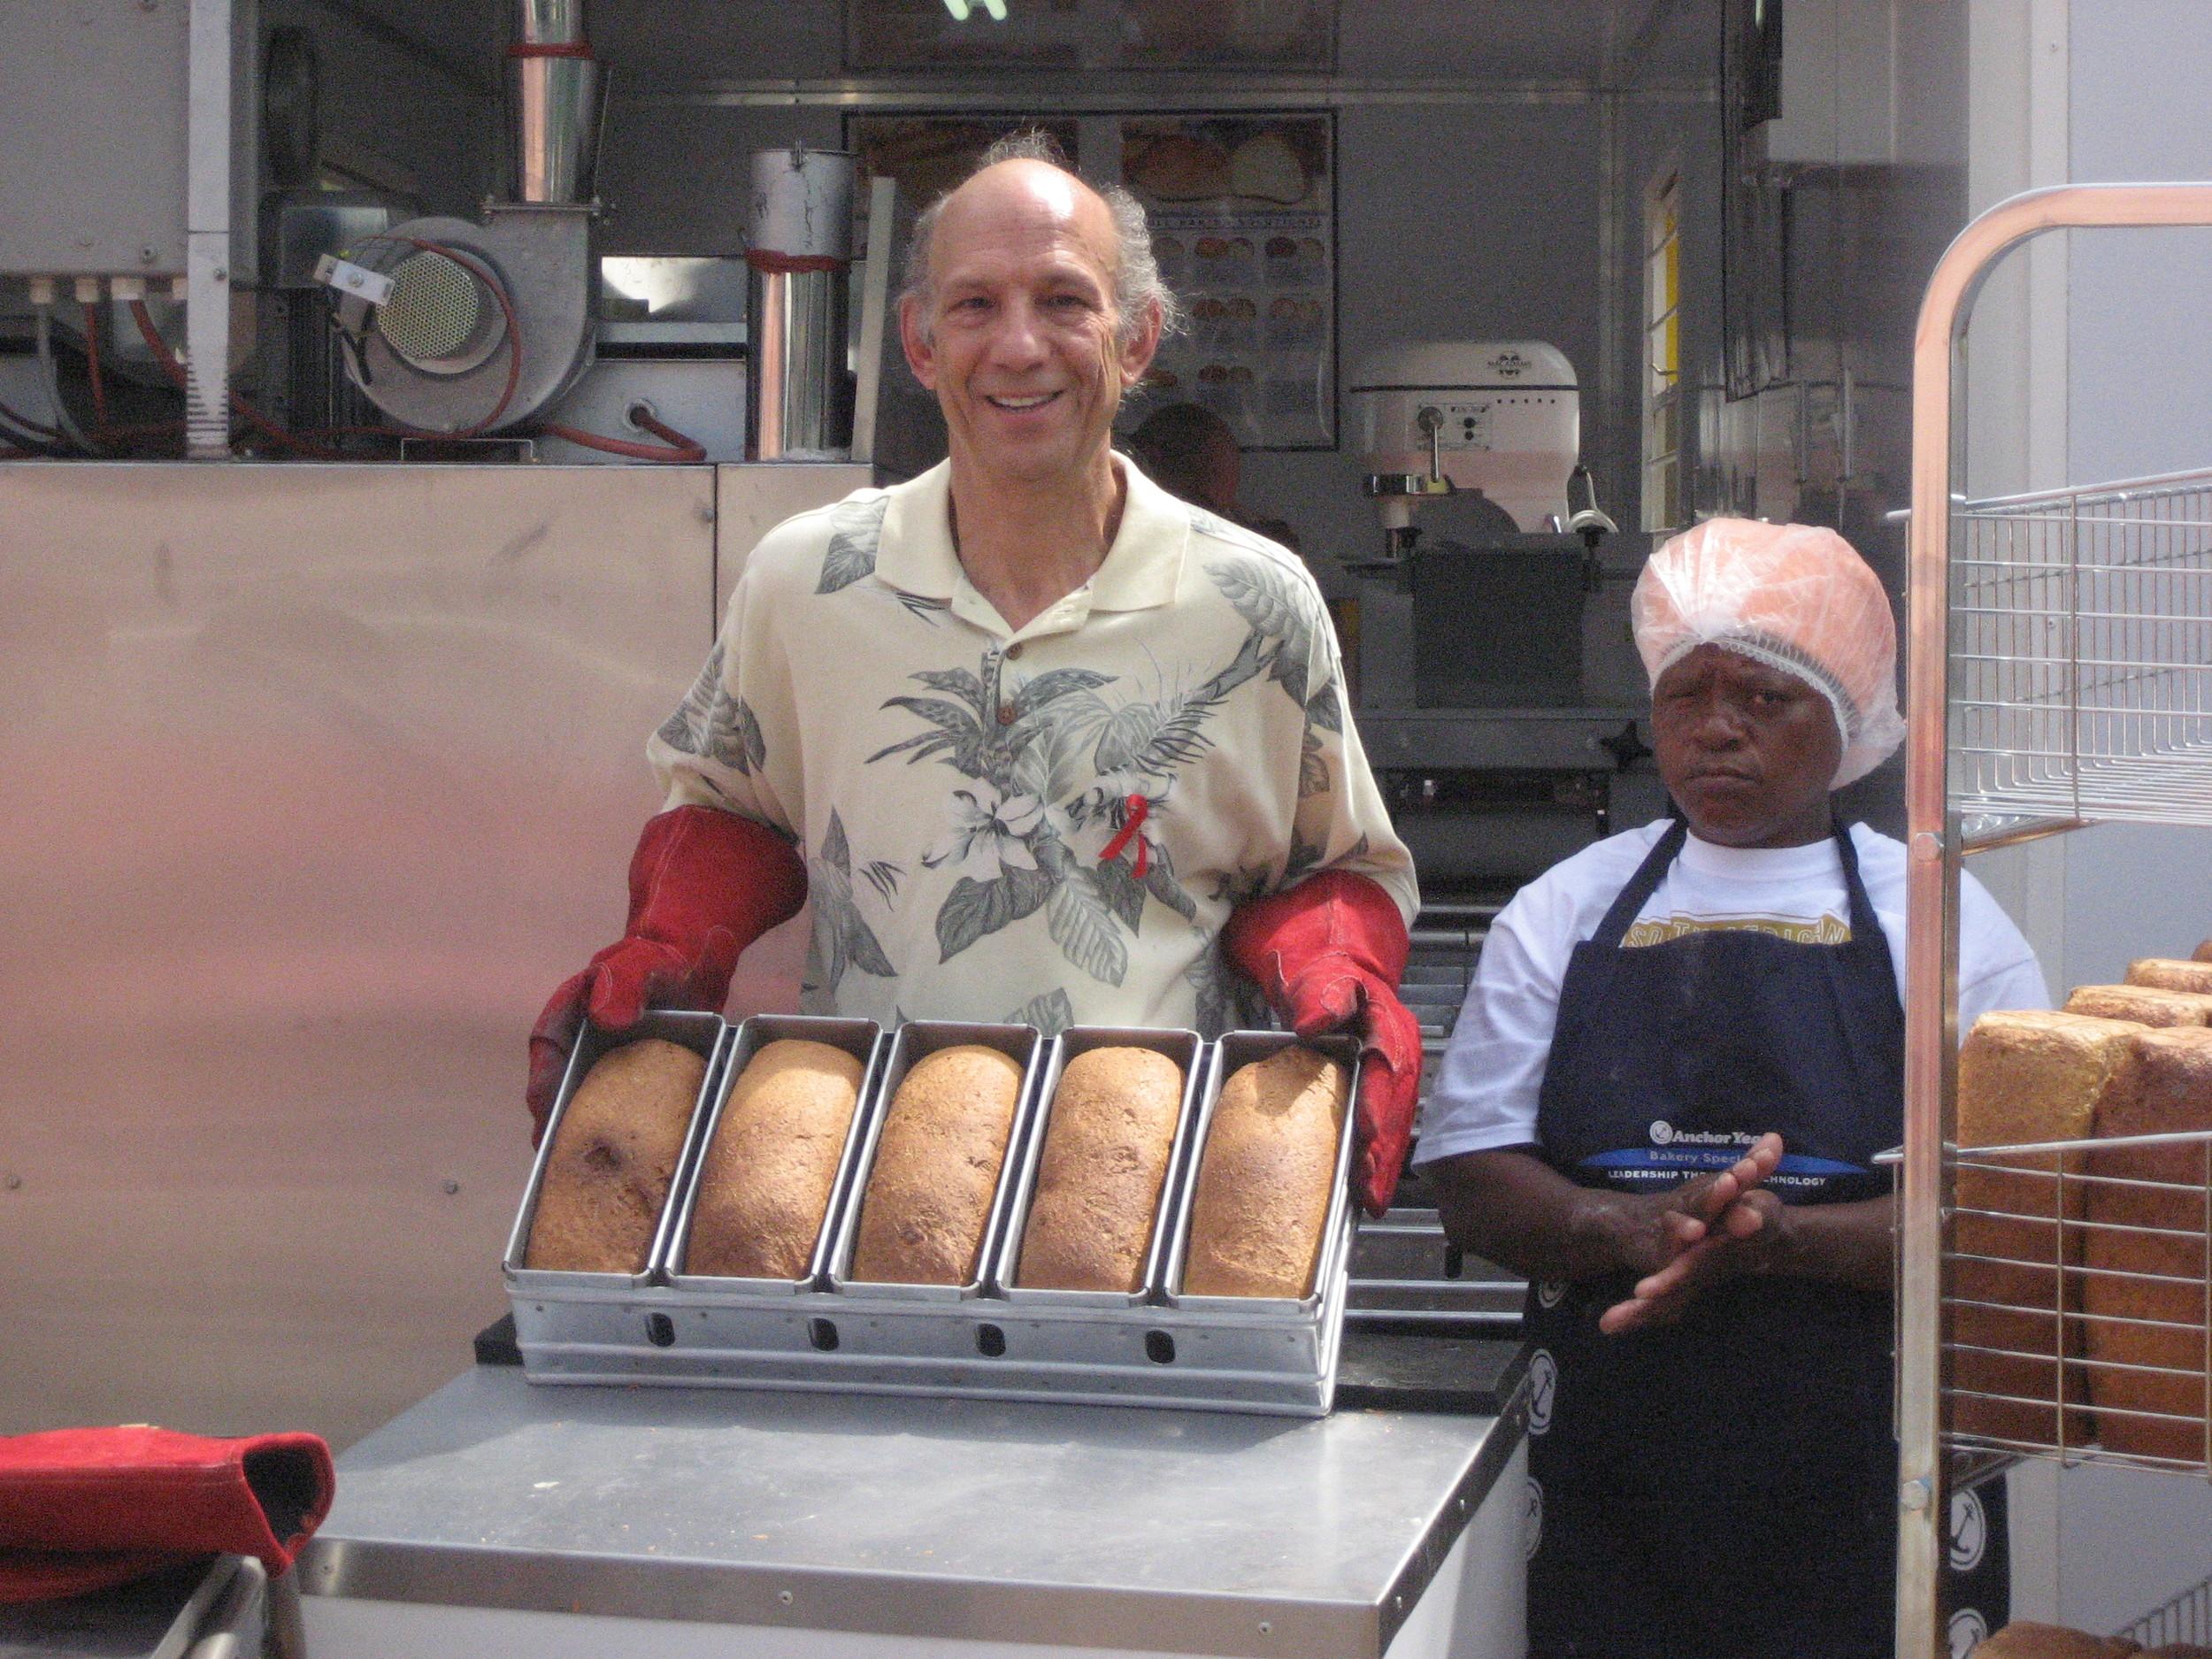 ICB Bakery opening at Nkosi's 2009